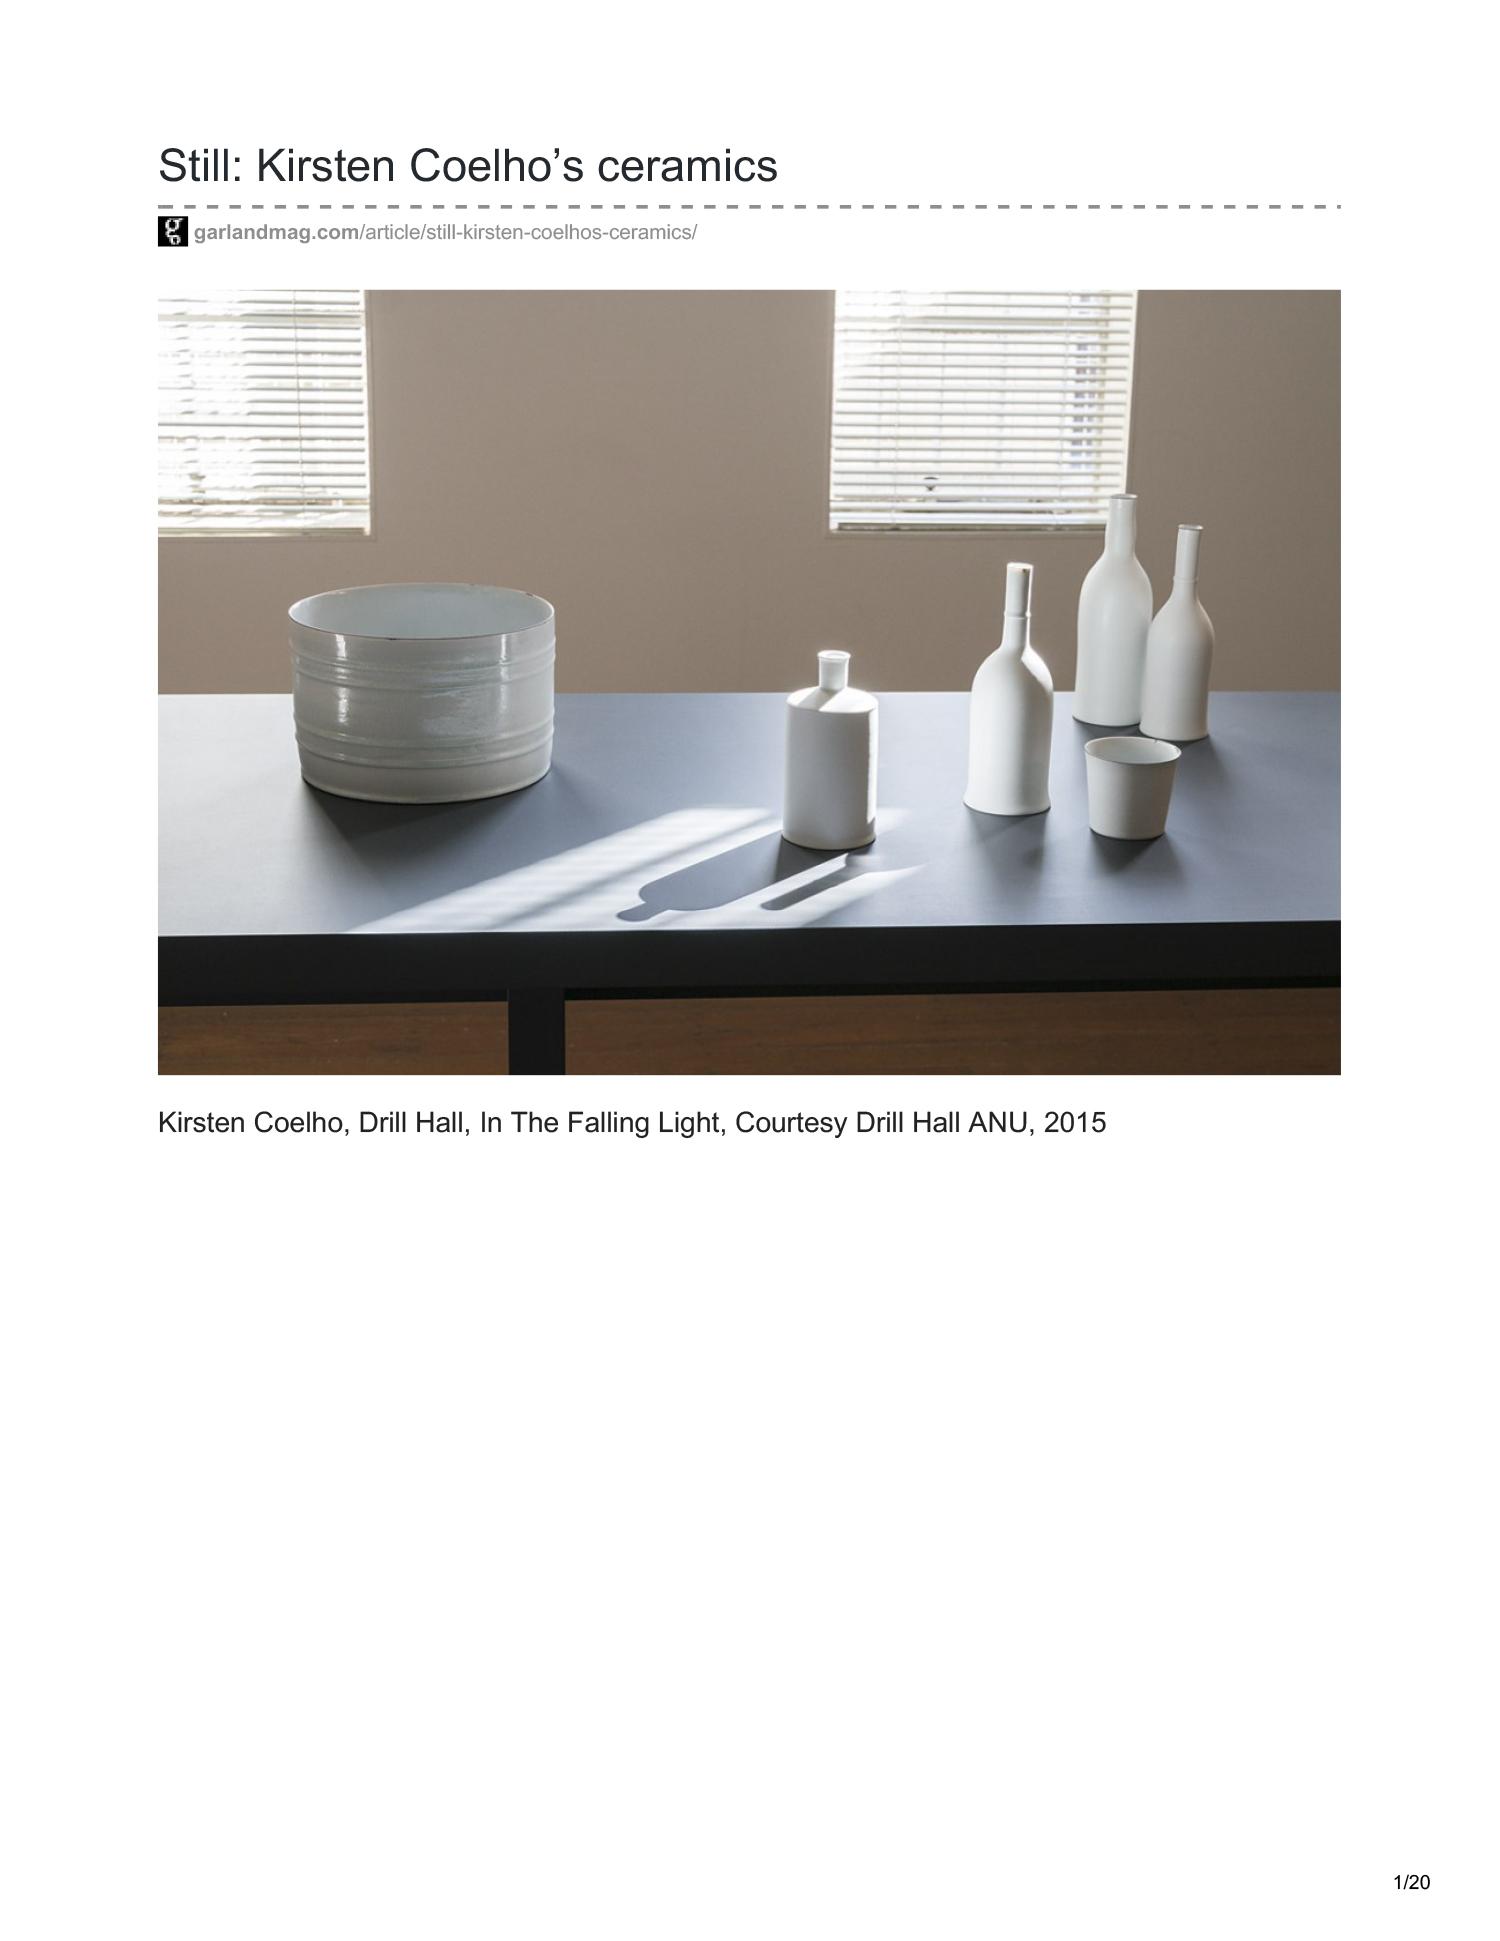 Still Kirsten Coelhos ceramics-1.jpg